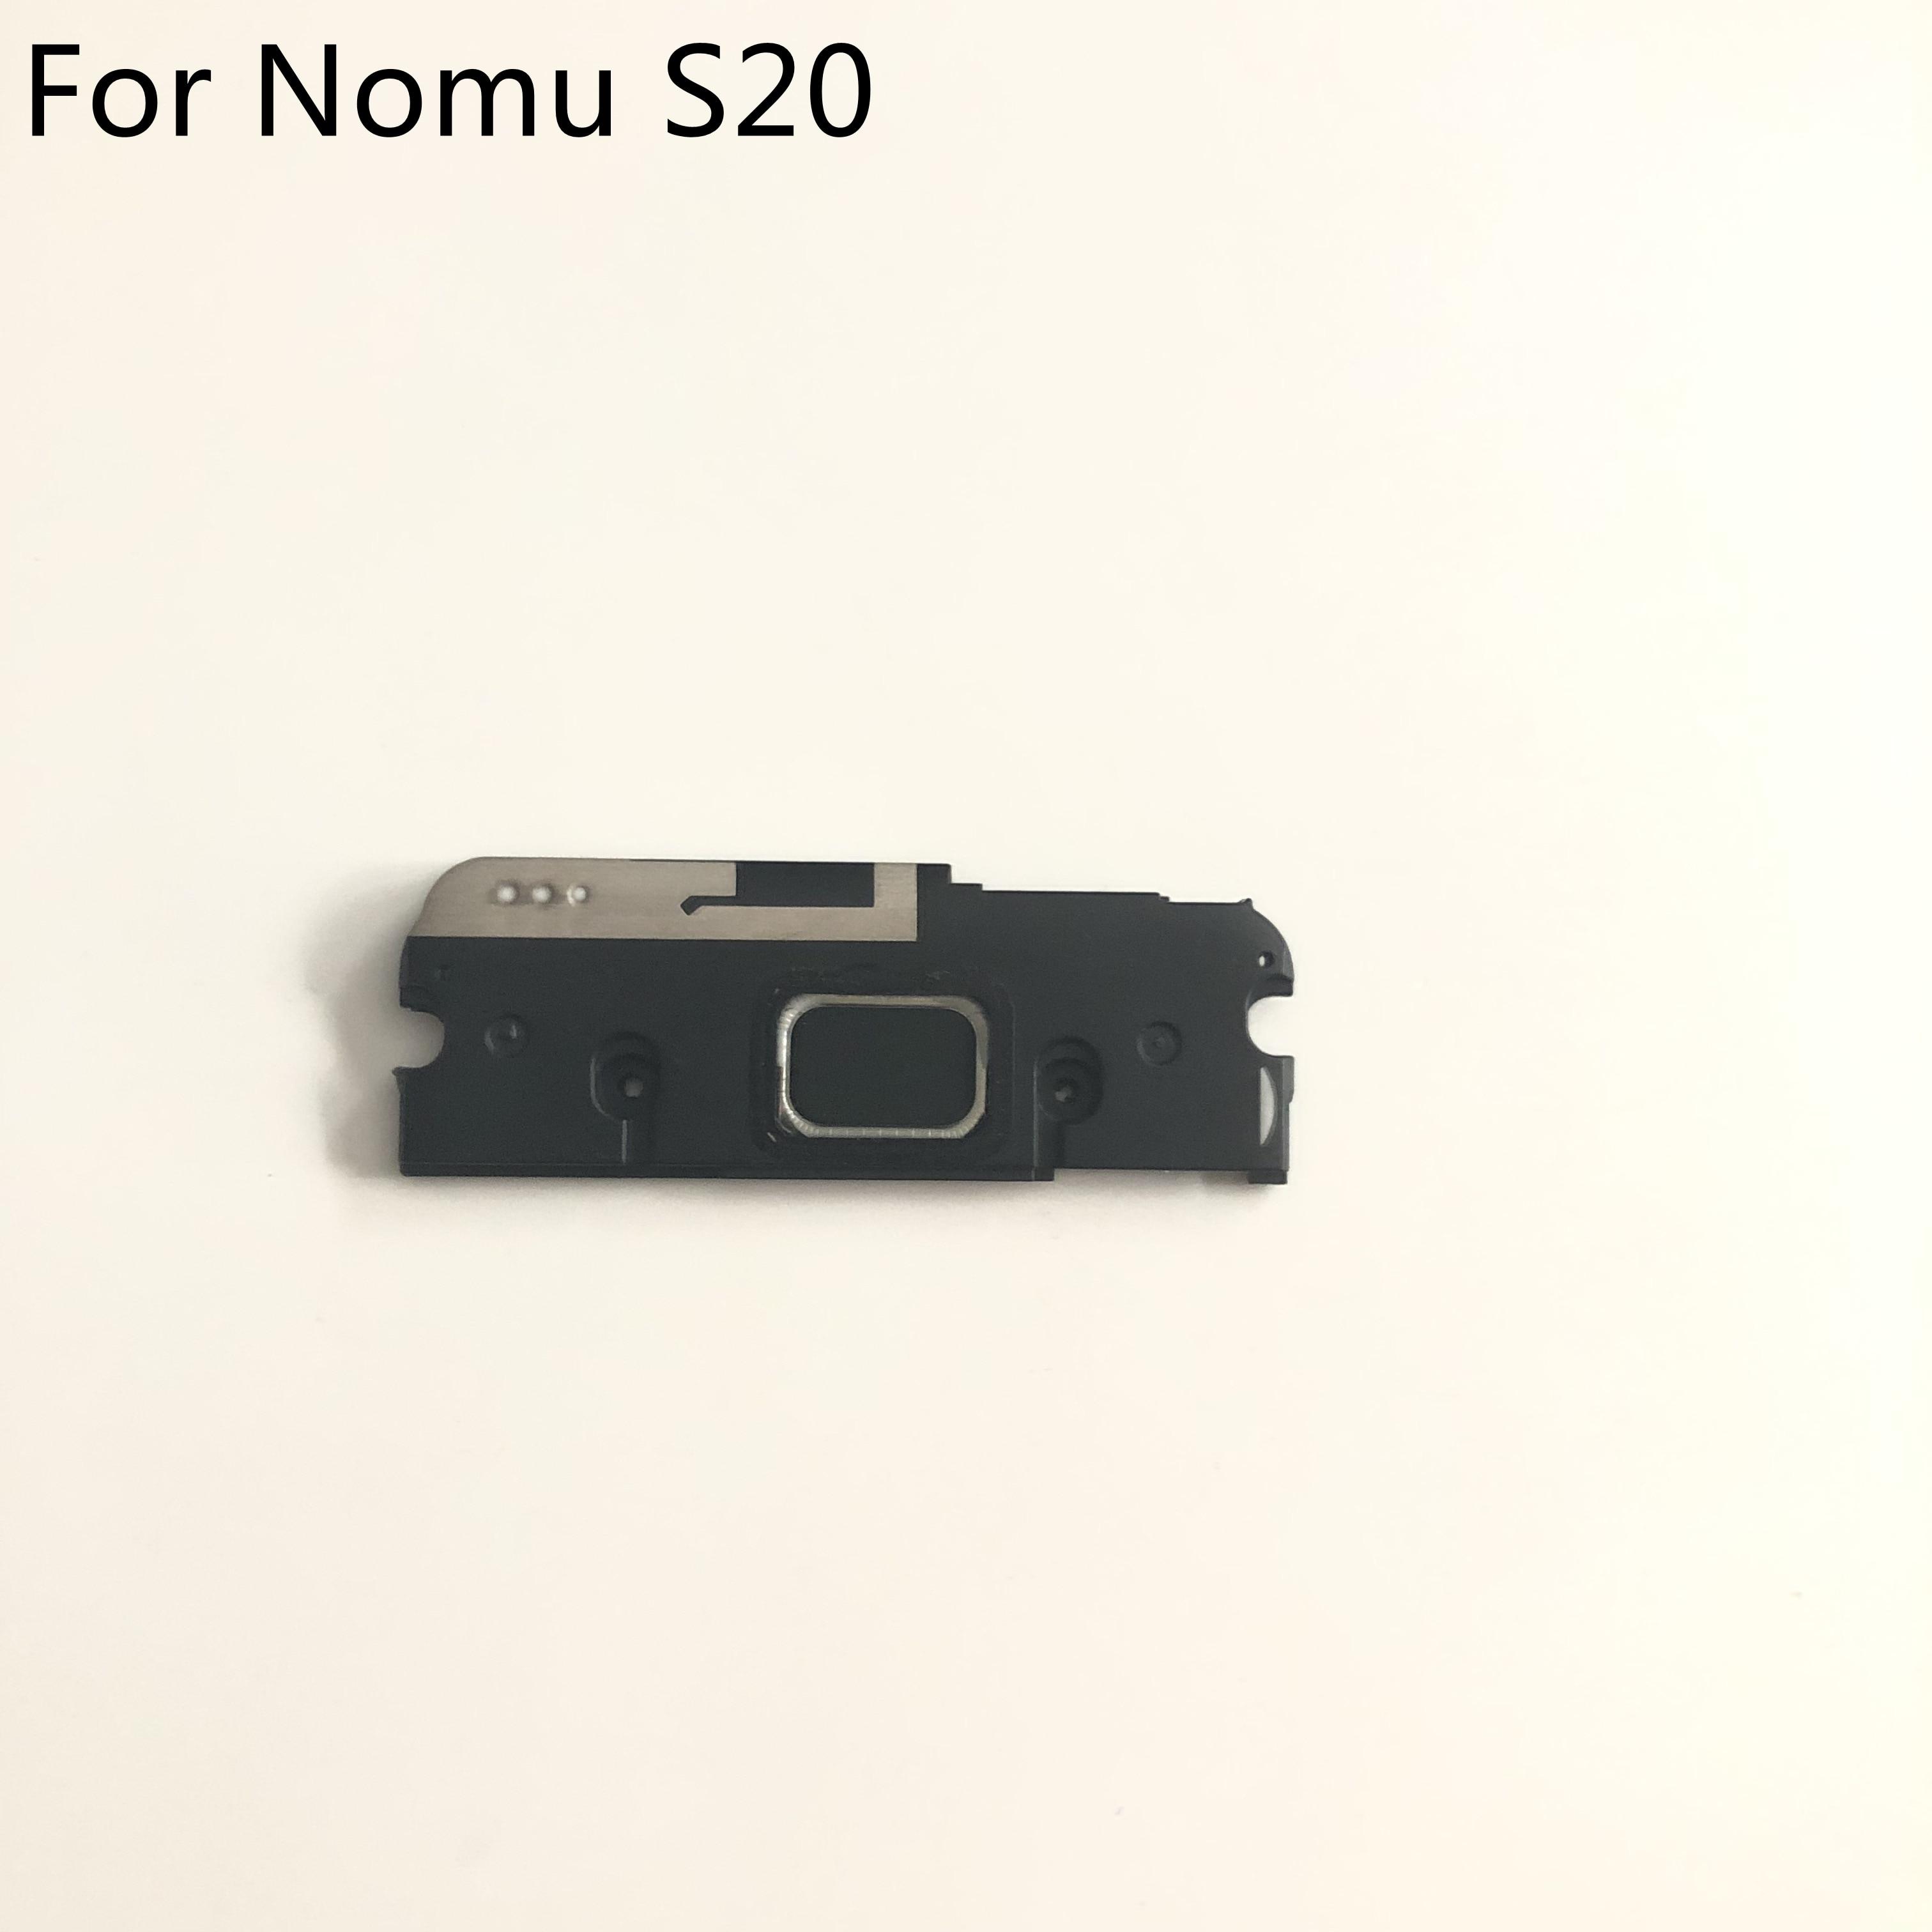 Nomu S20 utiliza el zumbador del altavoz para el teléfono inteligente Nomu S20 MTK6737T de 5,0 pulgadas